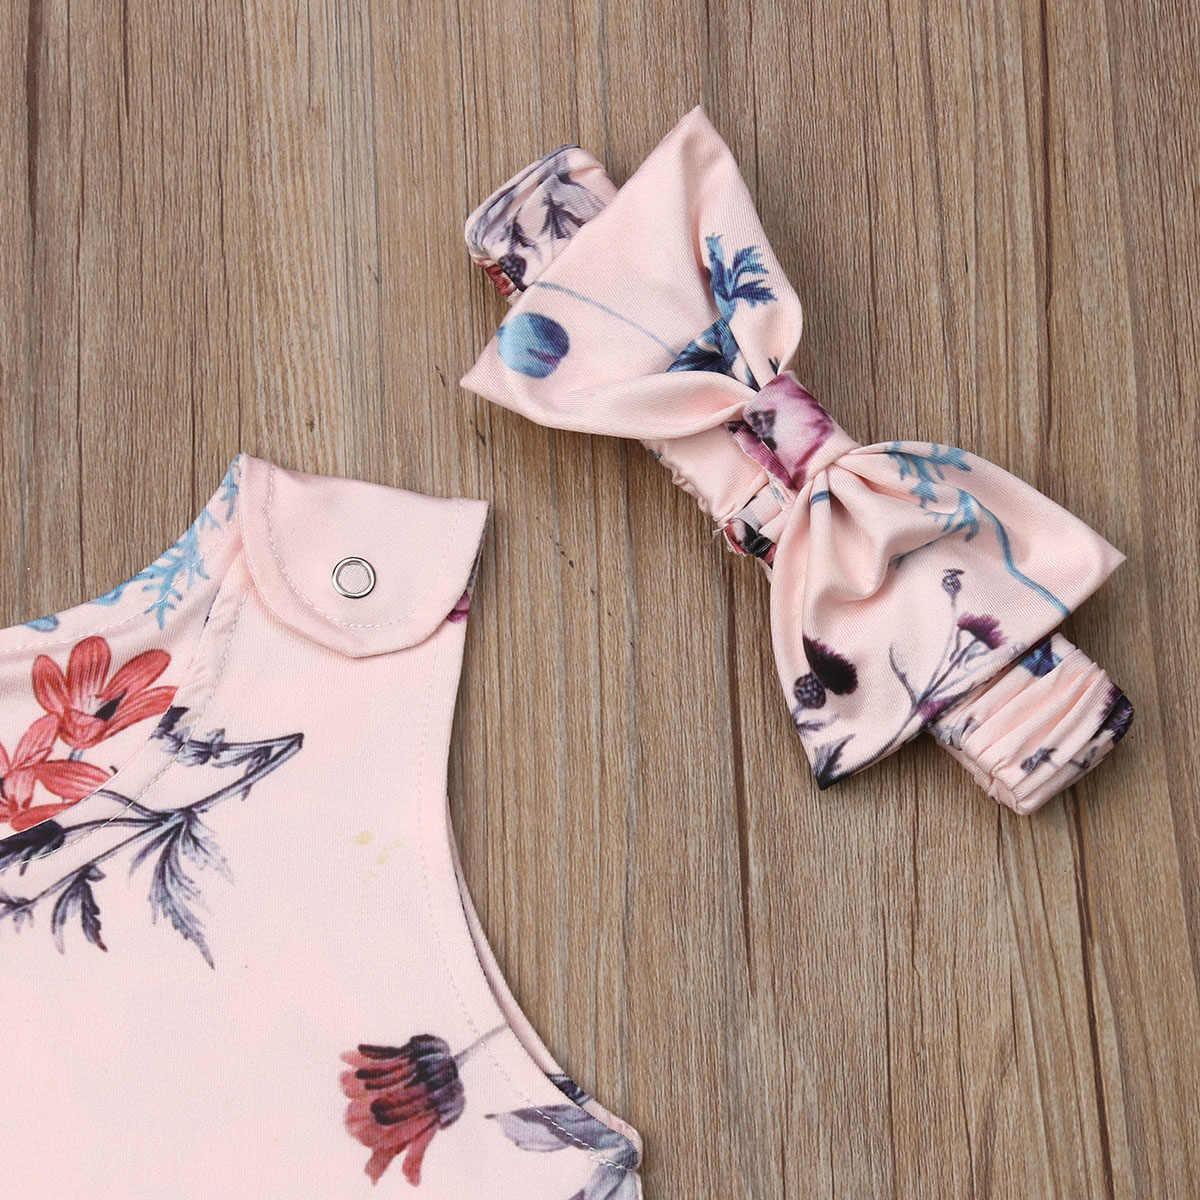 2019 nuevo 0-24M recién nacido niños bebés niñas niños mameluco de verano estampado de flores sin mangas Rosa mono ropa Playsuit